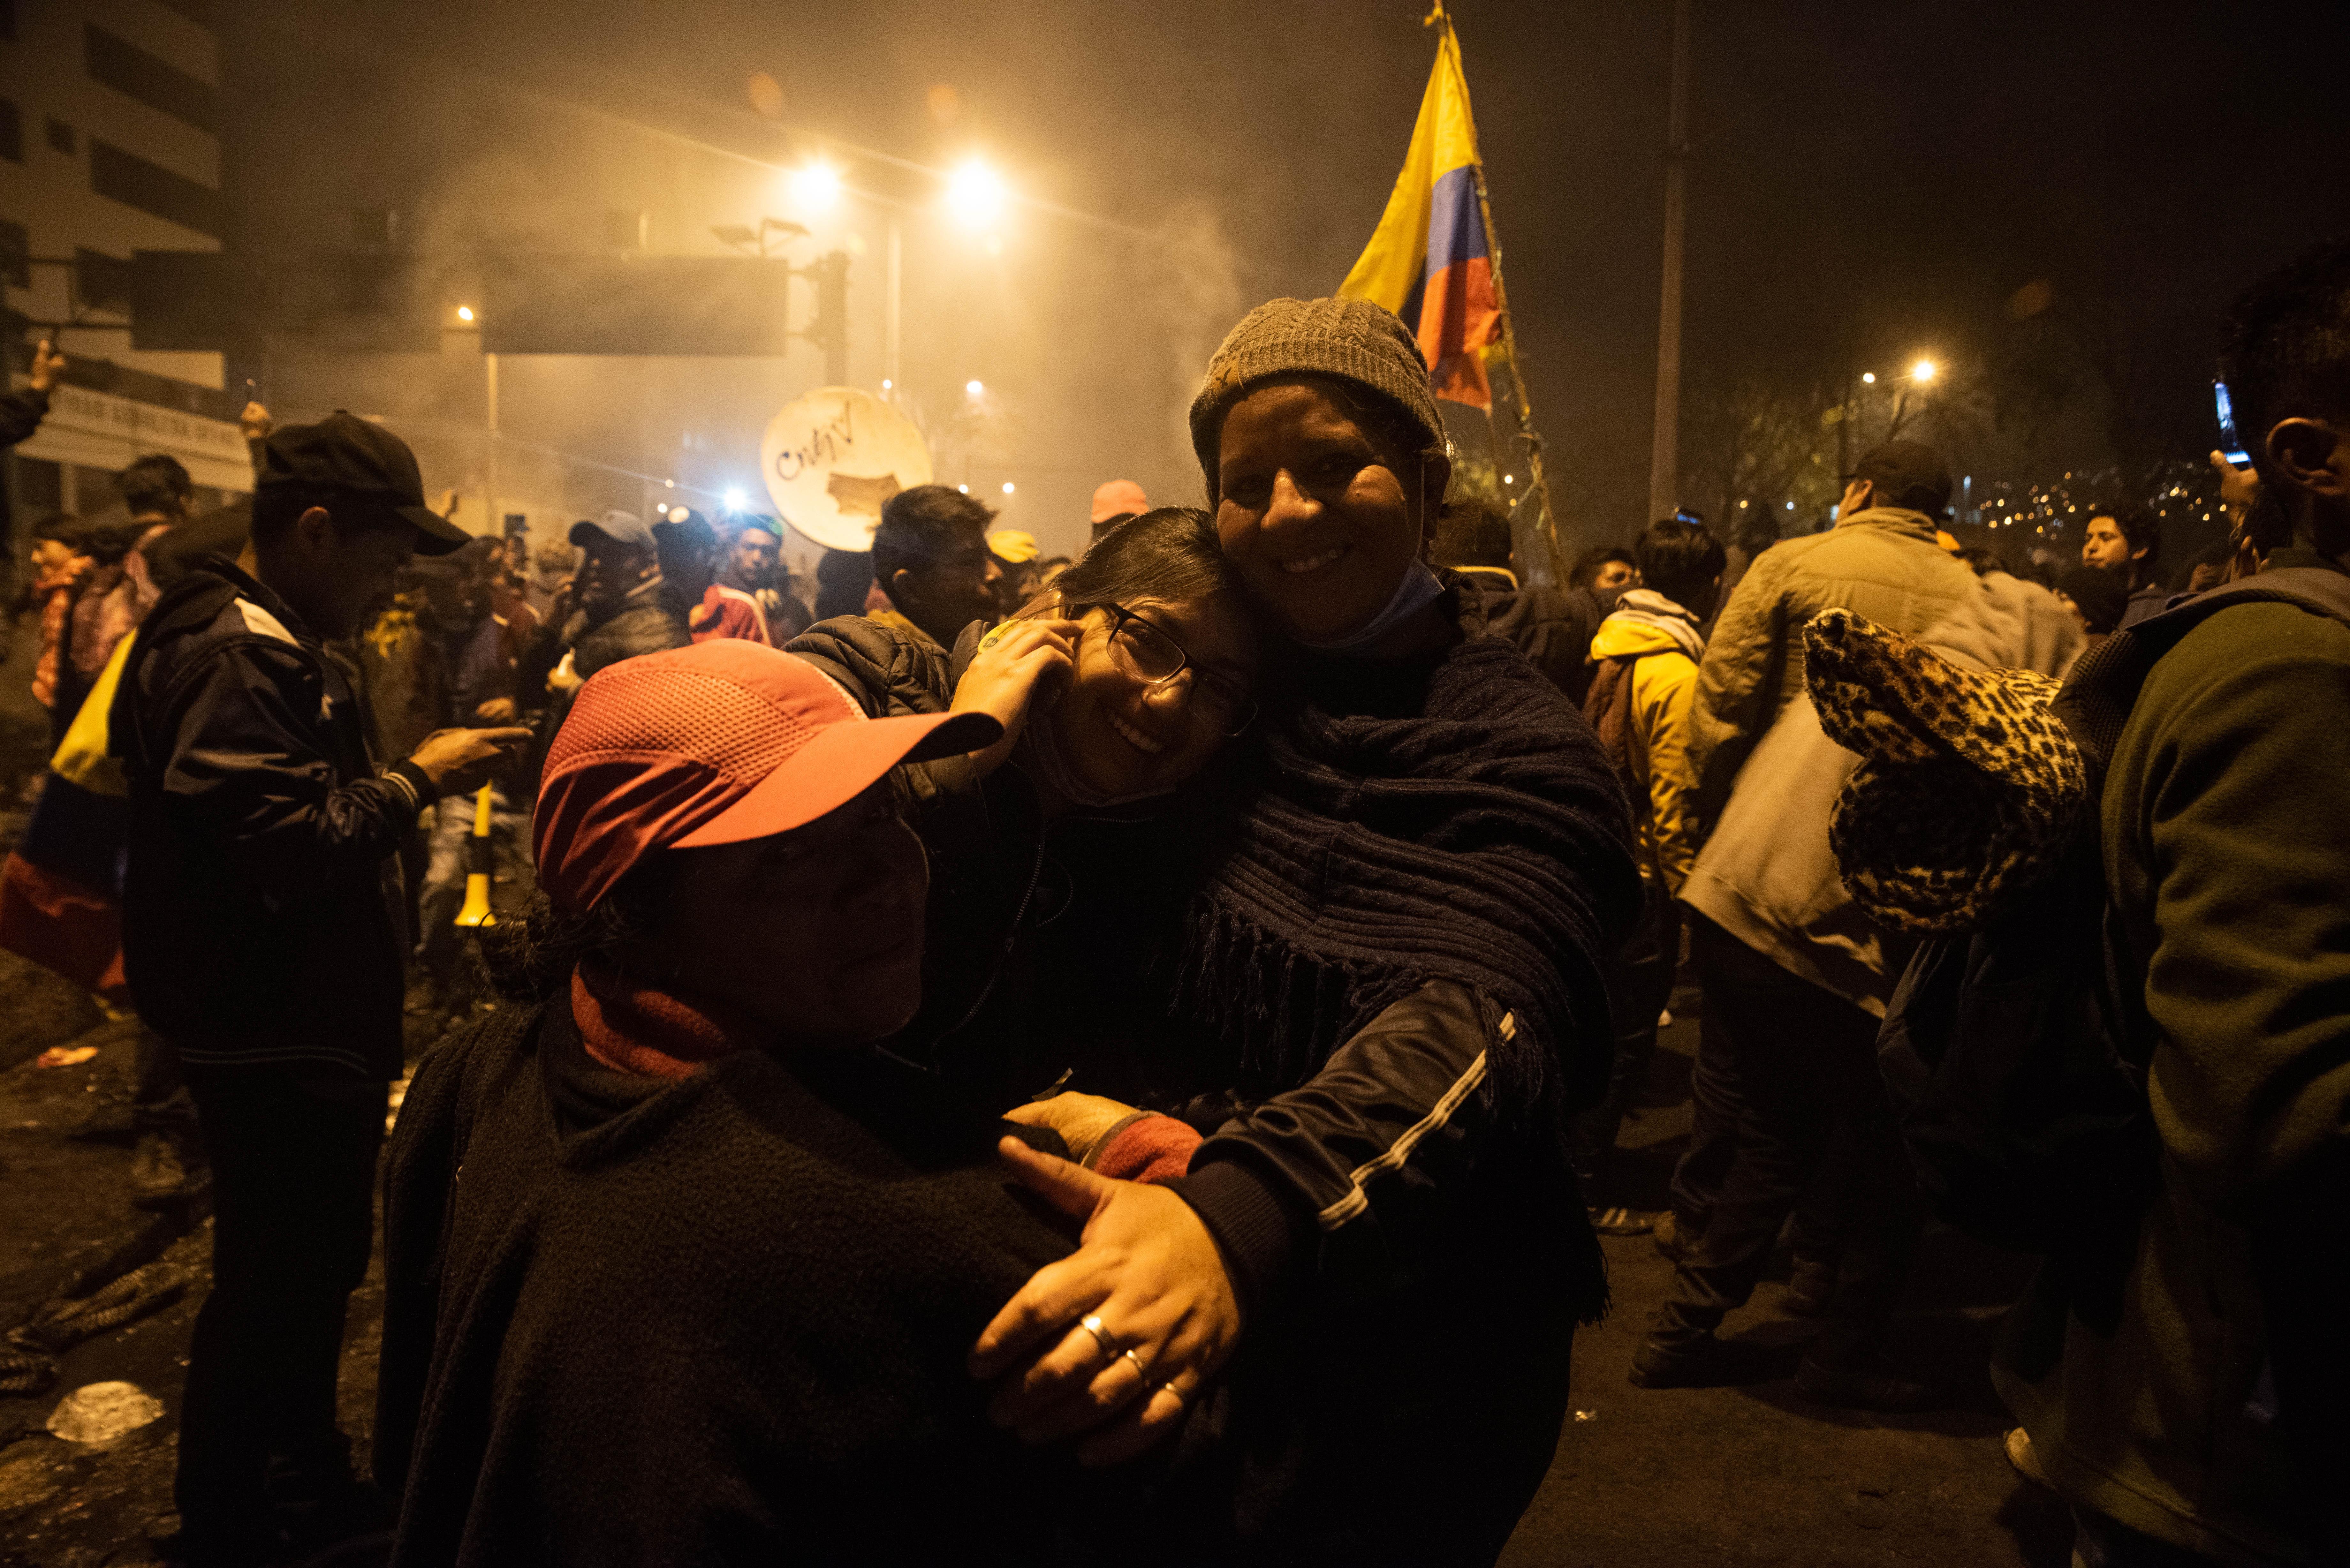 Familias enteras salieron a celebrar el anuncio del presidente Lenin Moreno